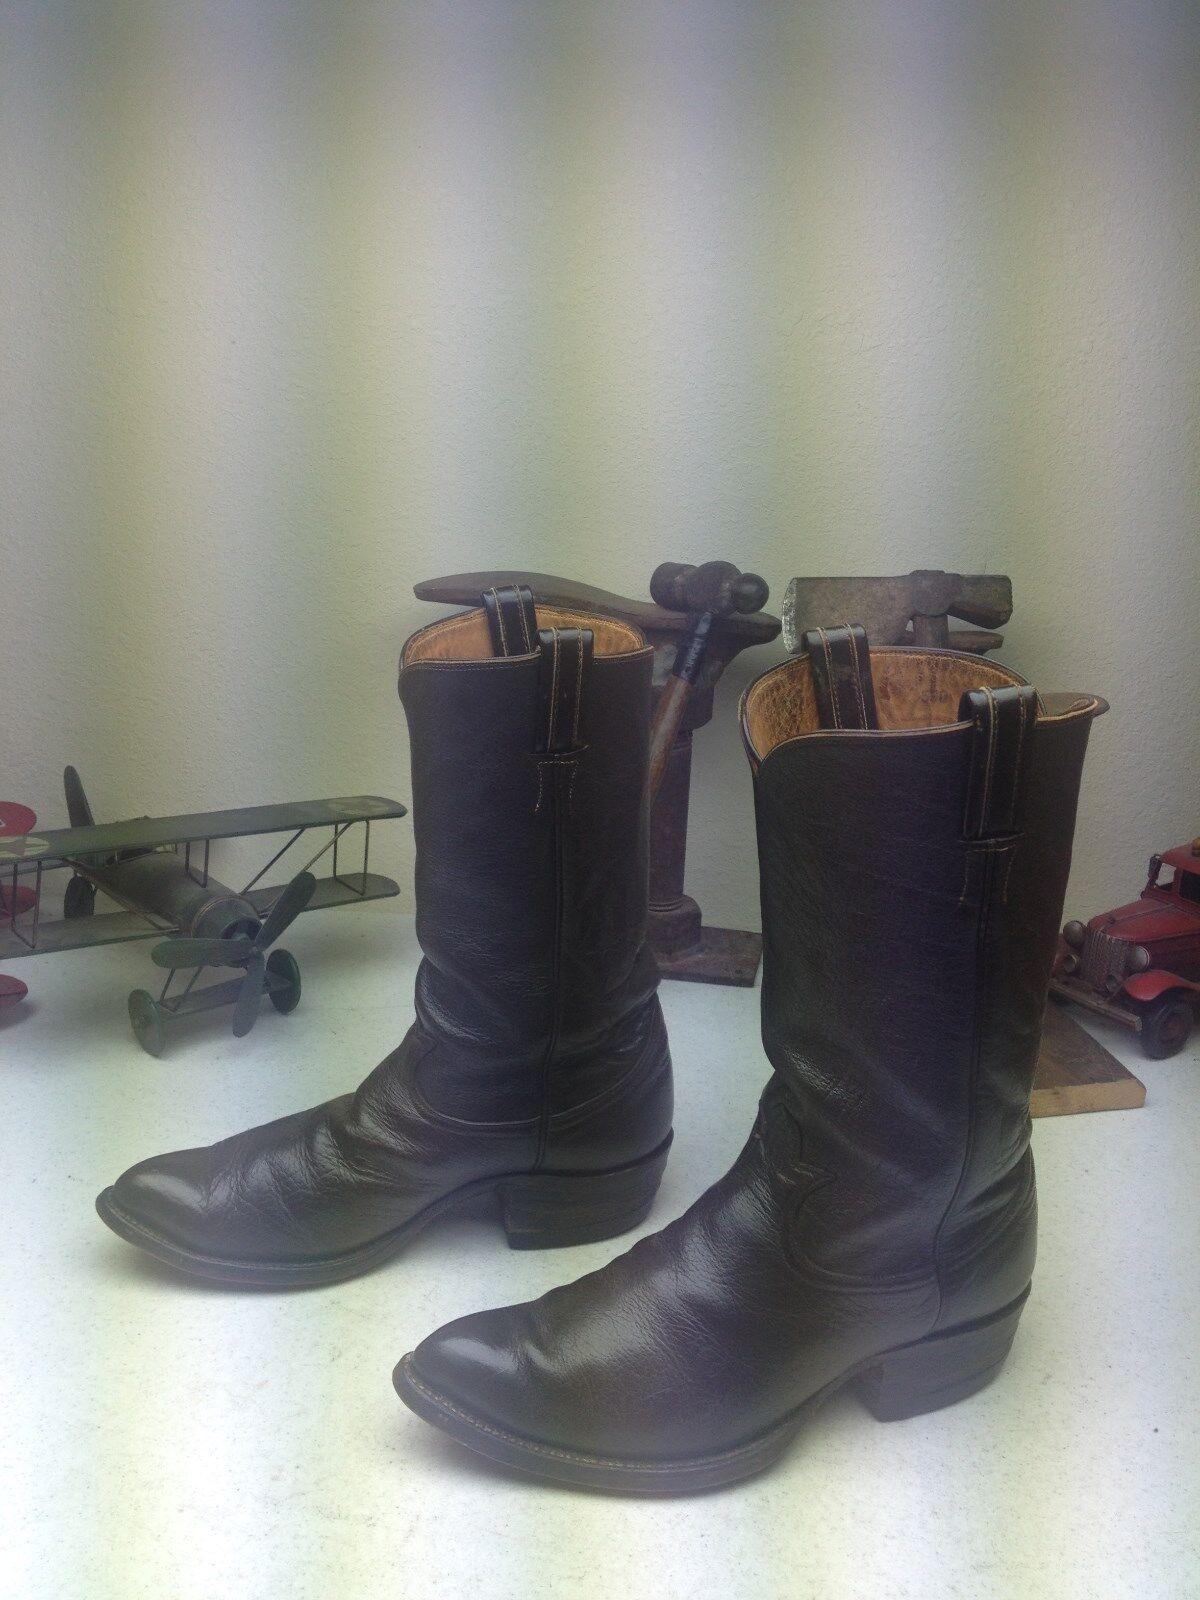 marca VINTAGE TONY LAMA DISTRESSED Marrone LEATHER ENGINEER WESTERN TRAIL stivali stivali stivali Dimensione 9 E  vanno a ruba